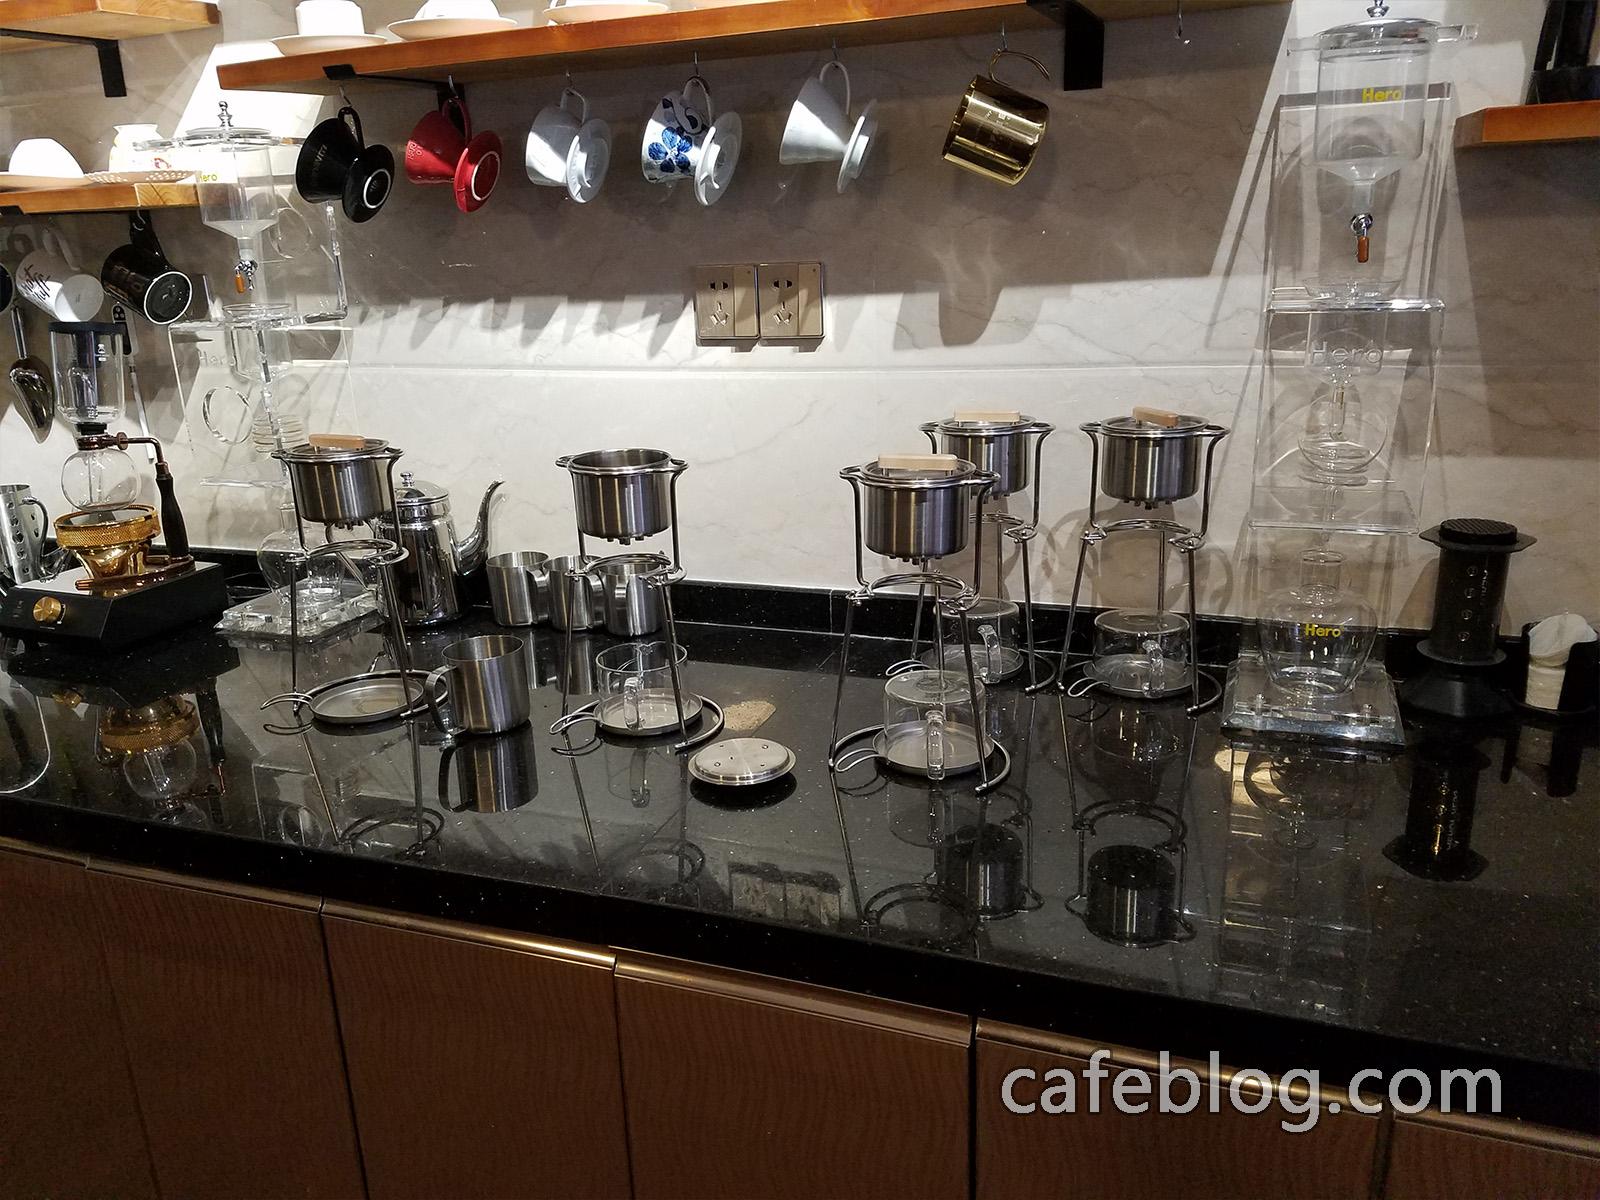 月港咖啡 YueGang Coffee 吧台里有这么多富士小绒 NELCCO 共有5套。